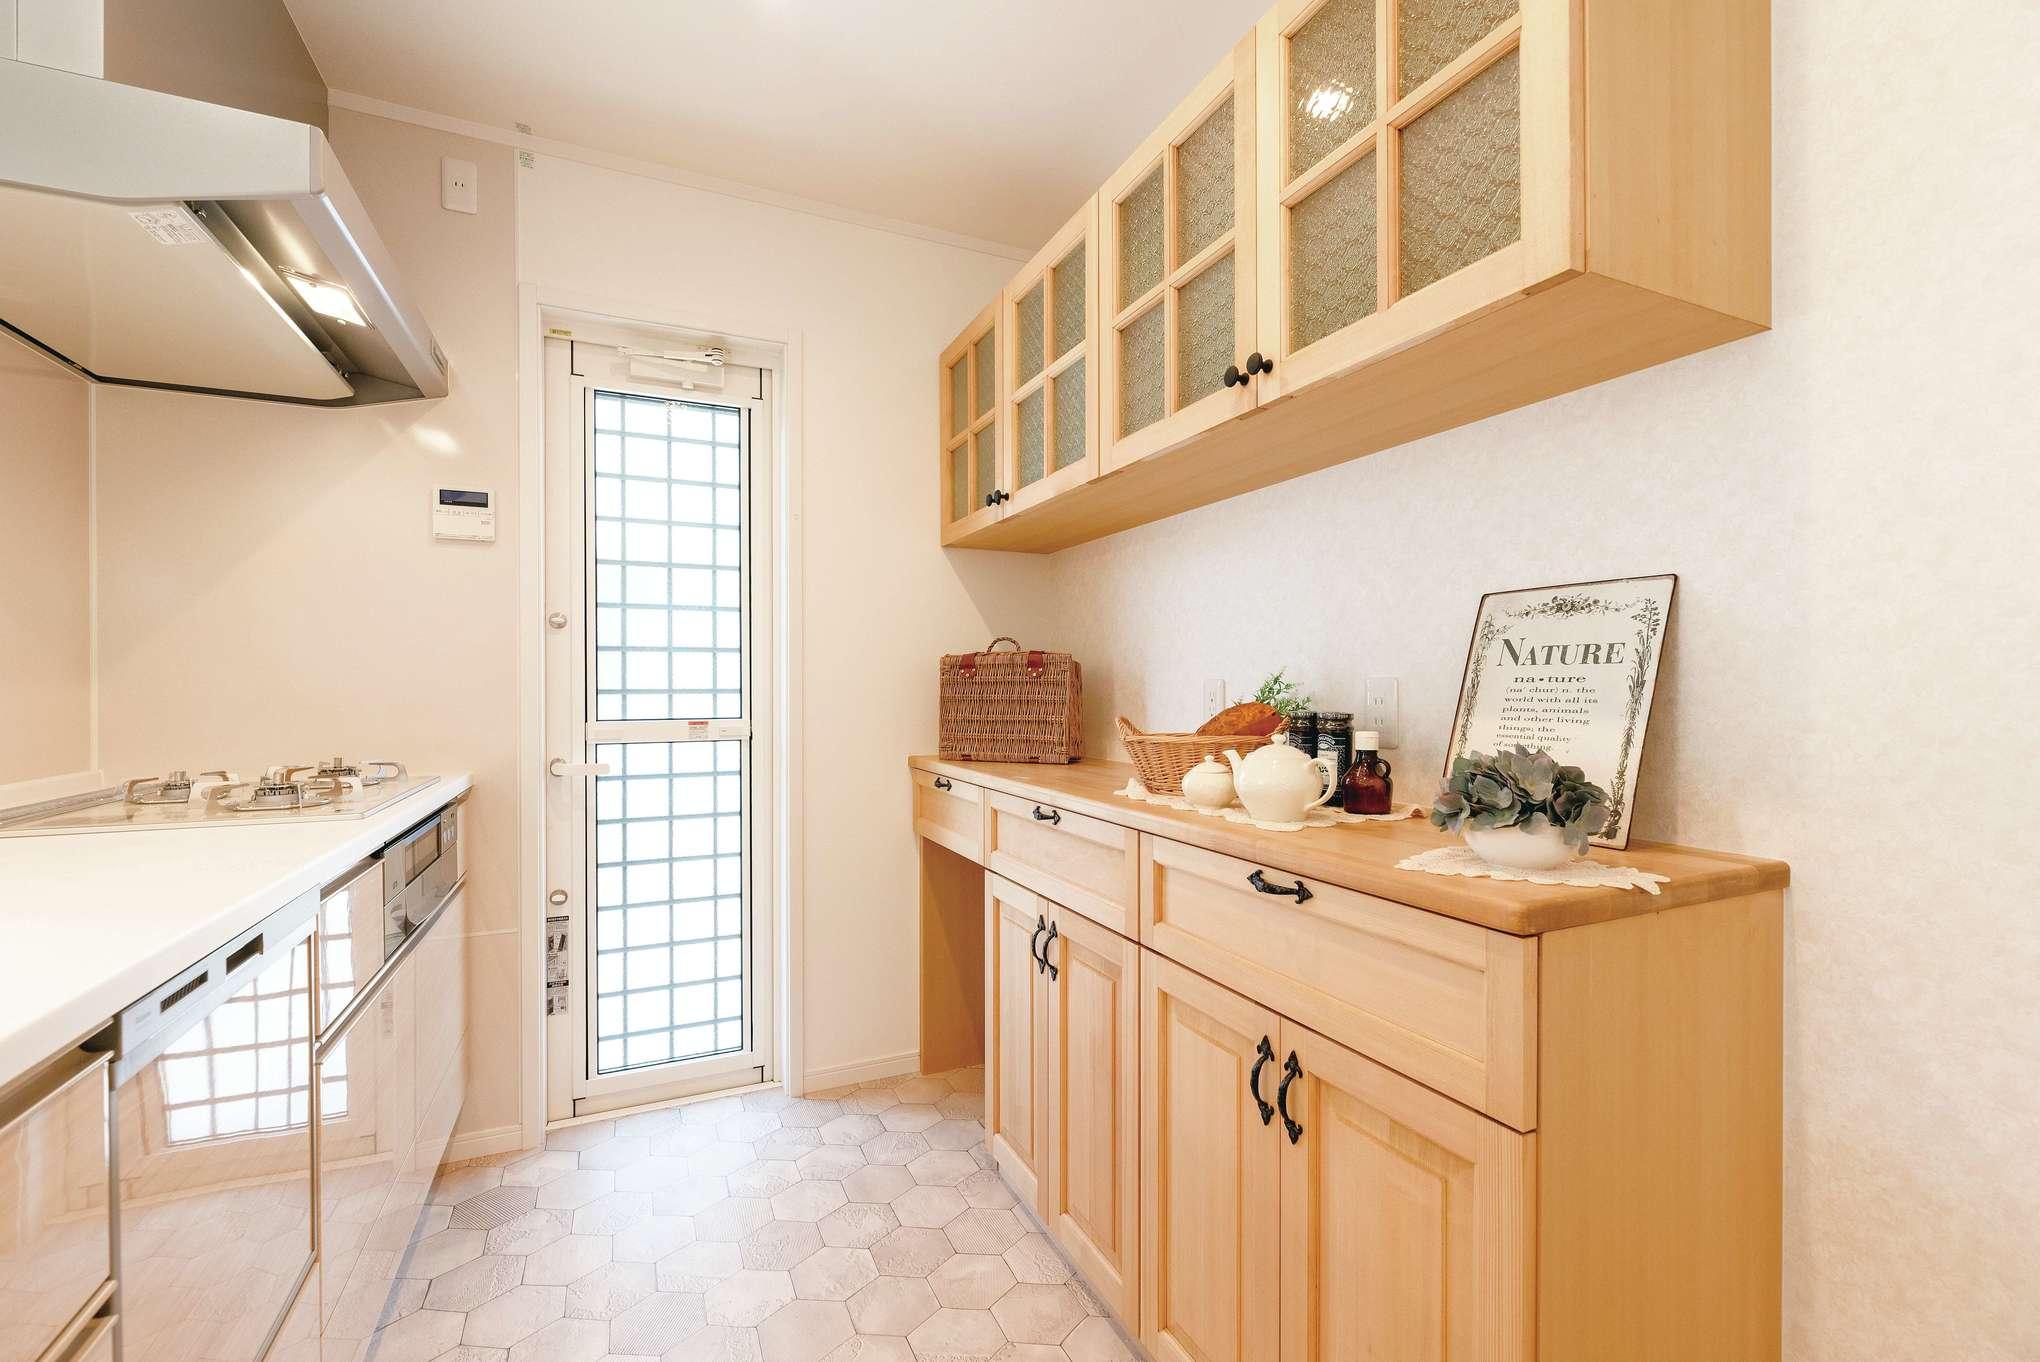 キッチン収納はナチュラル感が魅力の木製で造作。フラワーモチーフの模様ガラスもおしゃれ